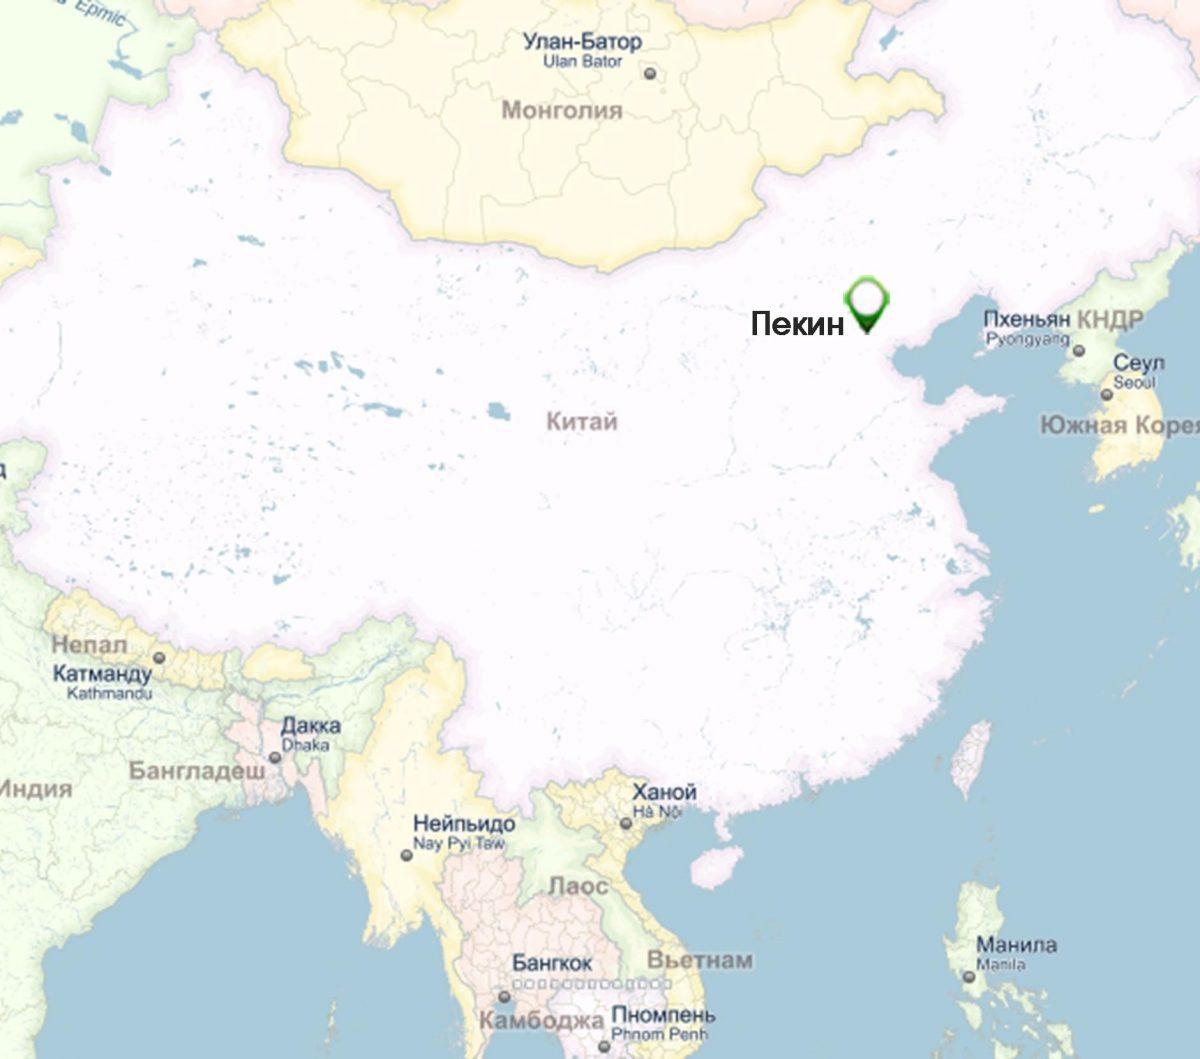 пекин-китай